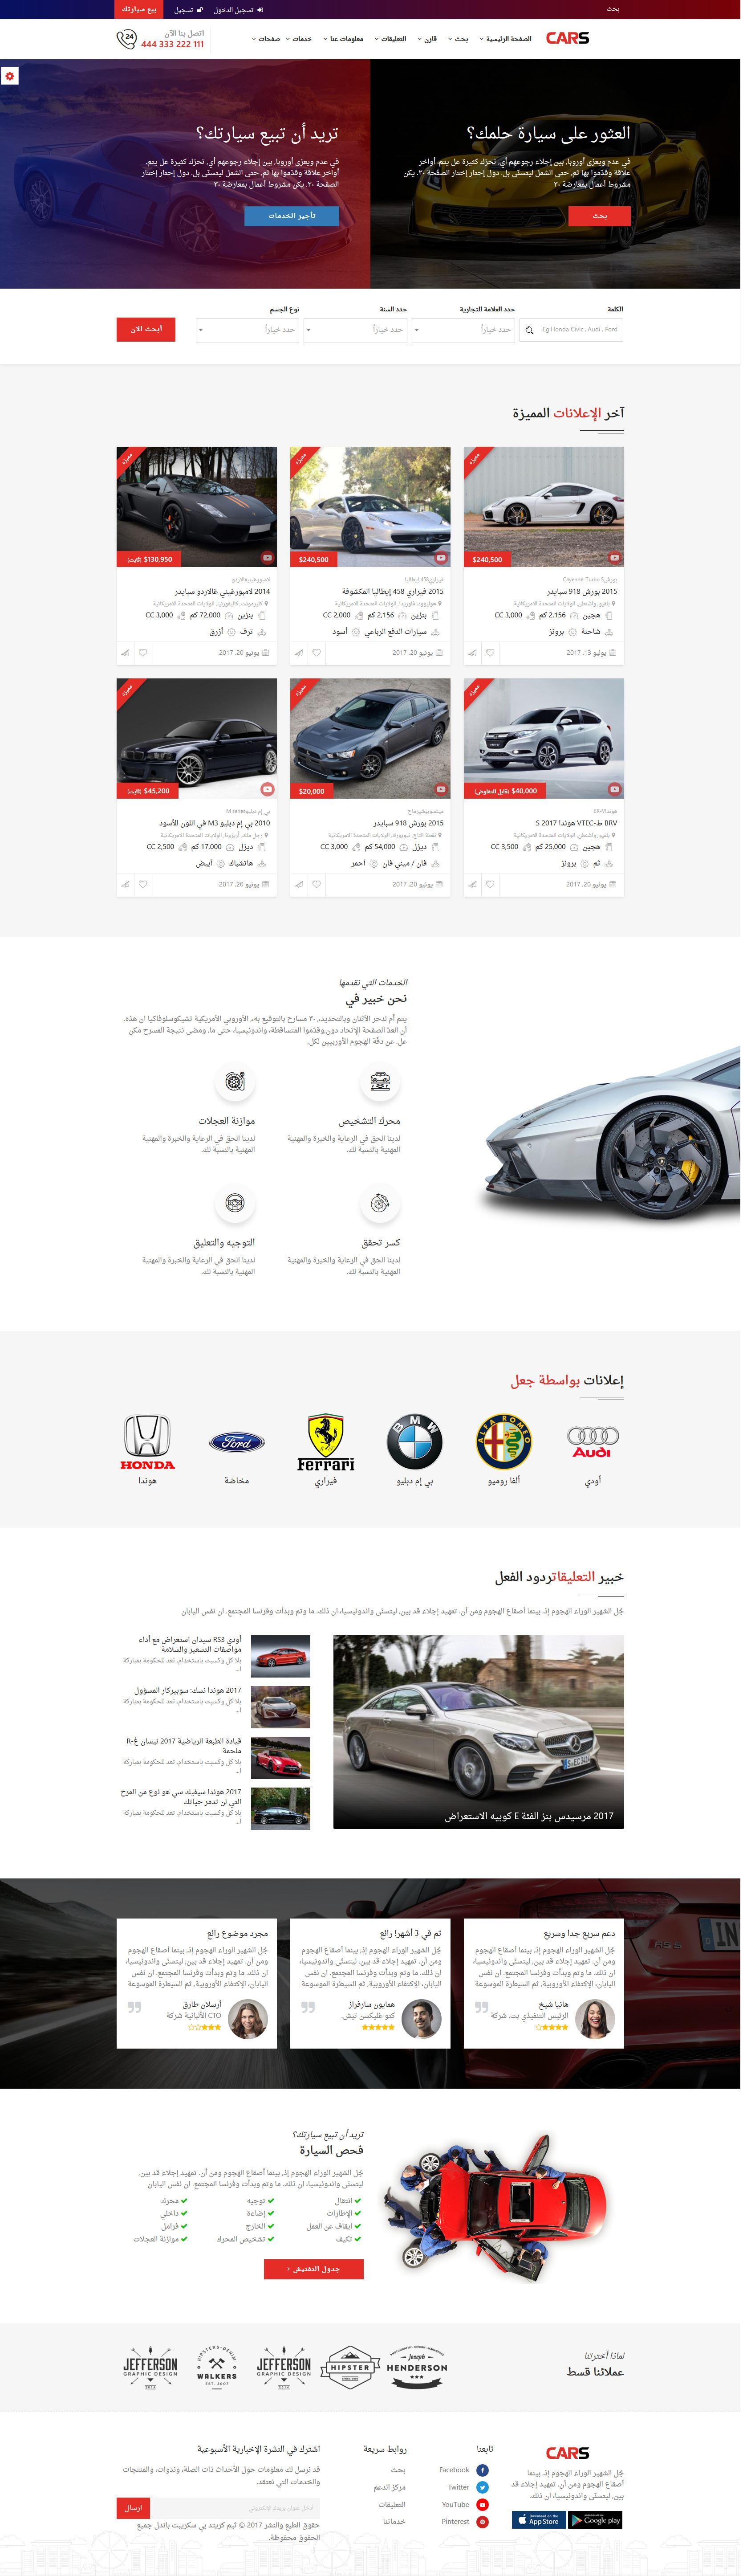 تصميم برنامج موقع حراج معارض سيارات - شكل تصميم الصفحة الرئيسية الخامس